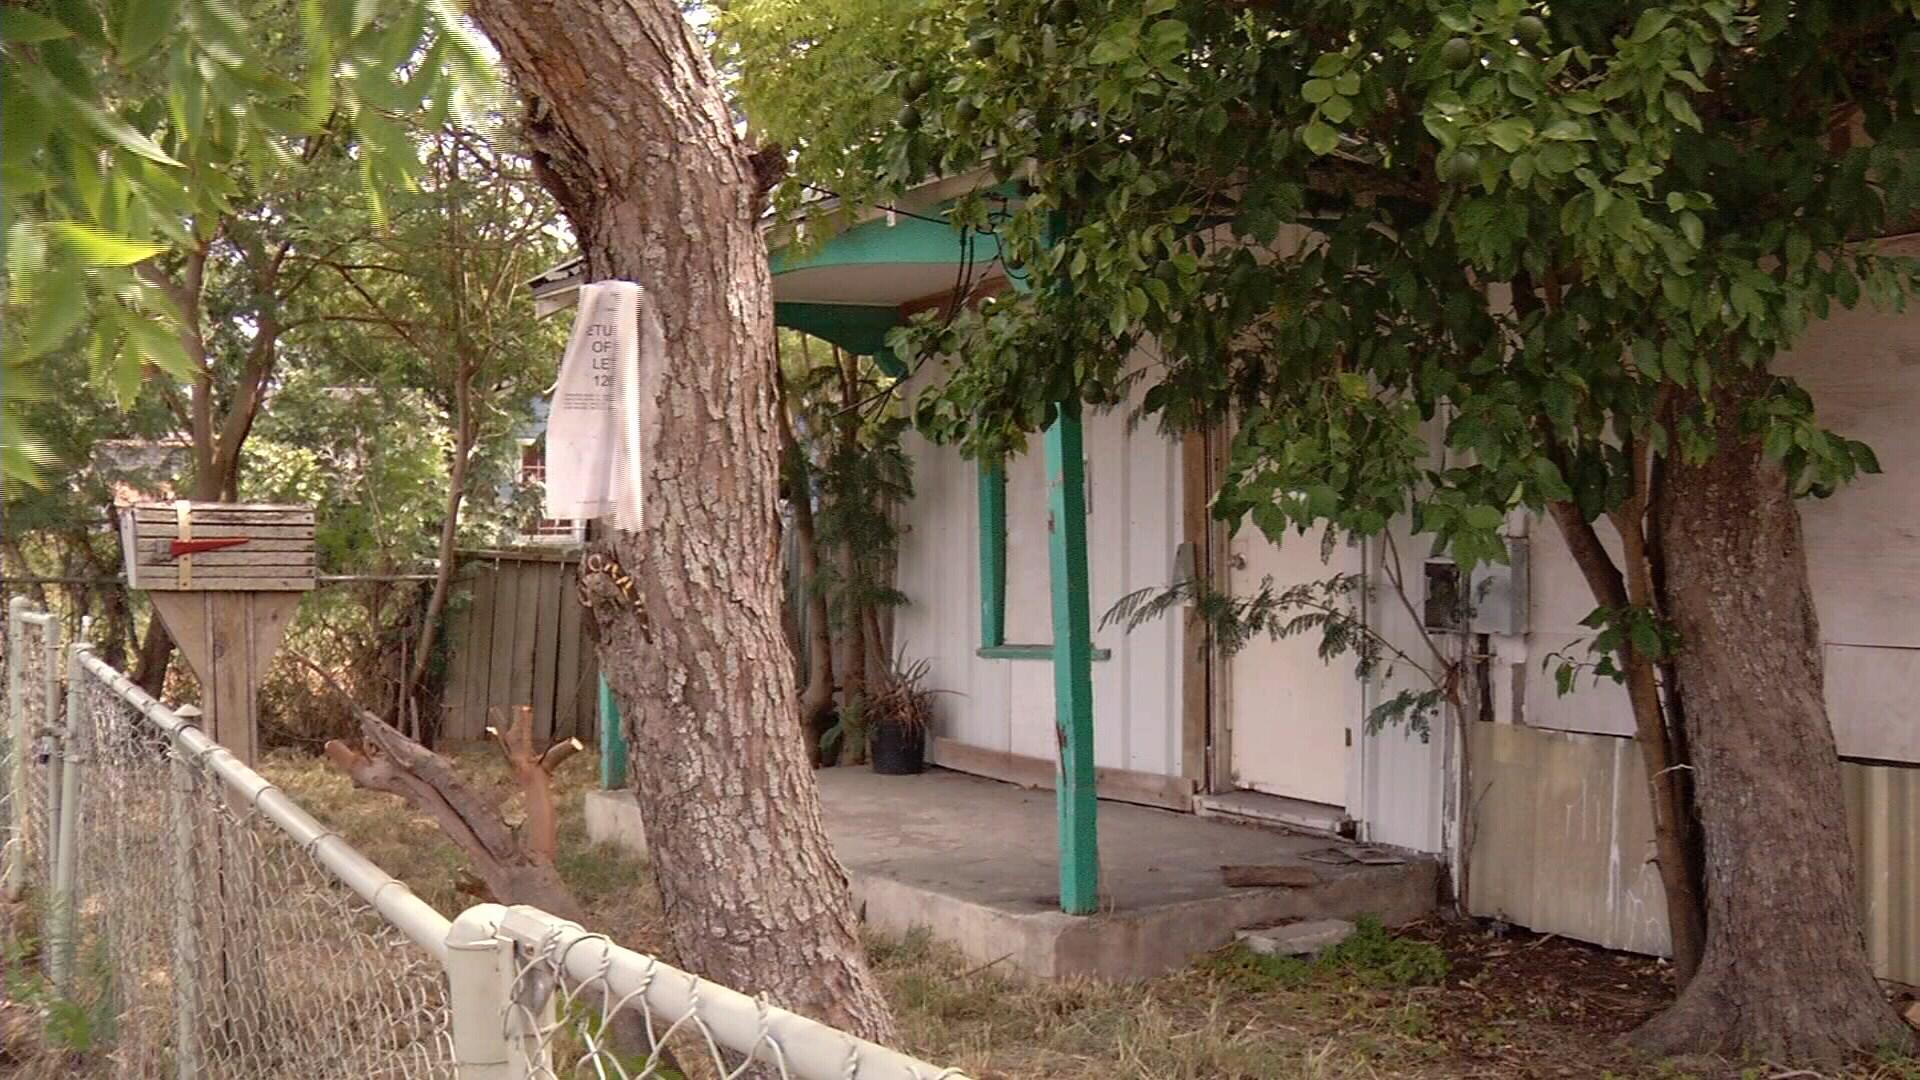 A home set to be demolished.